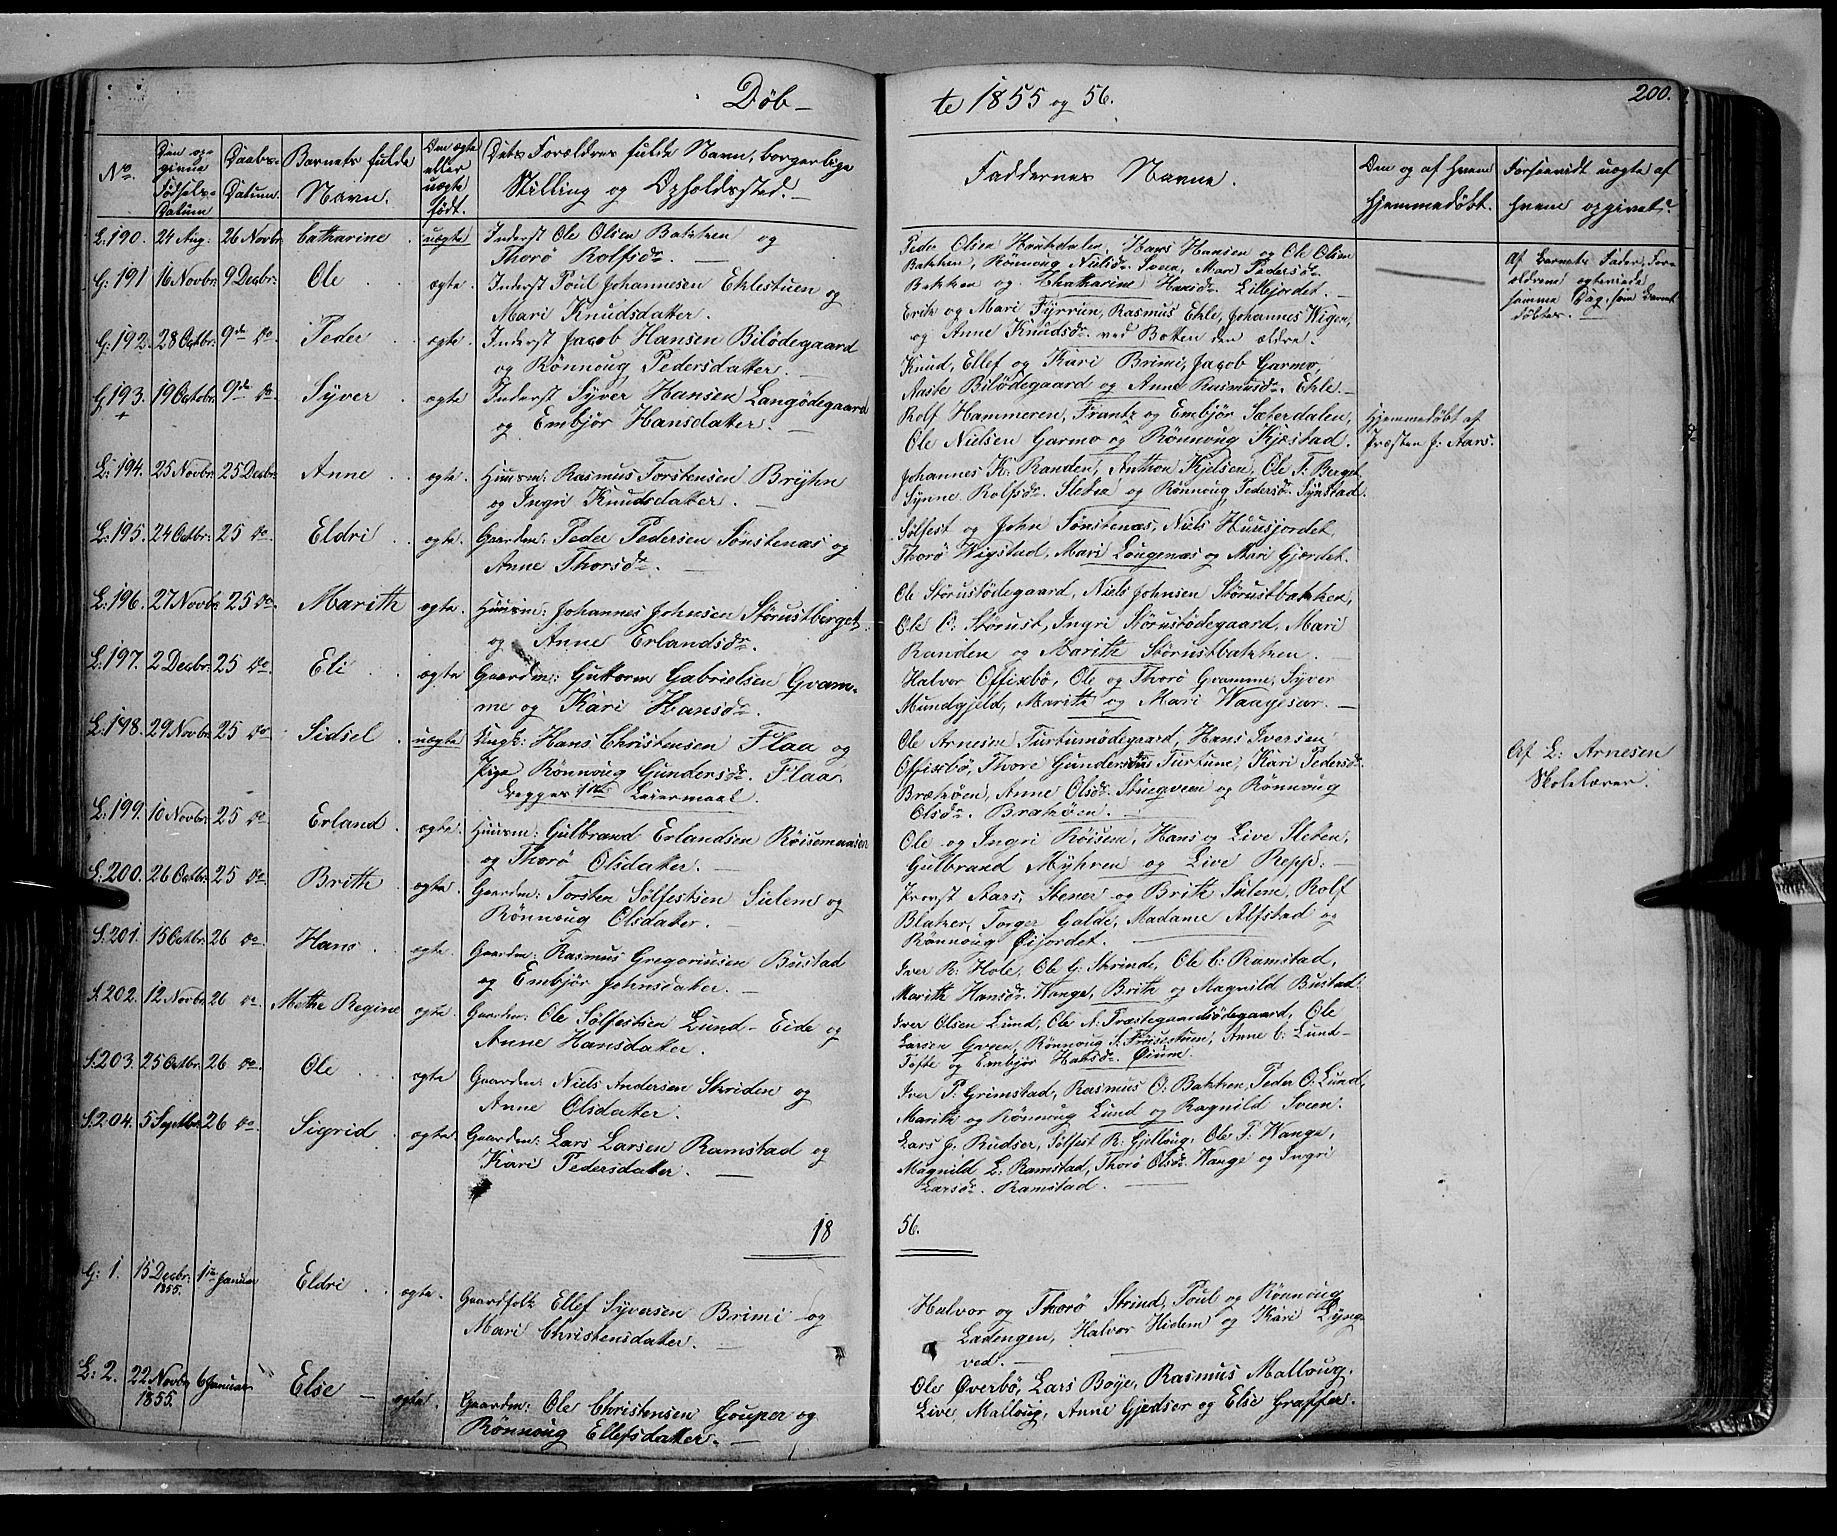 SAH, Lom prestekontor, K/L0006: Ministerialbok nr. 6A, 1837-1863, s. 200